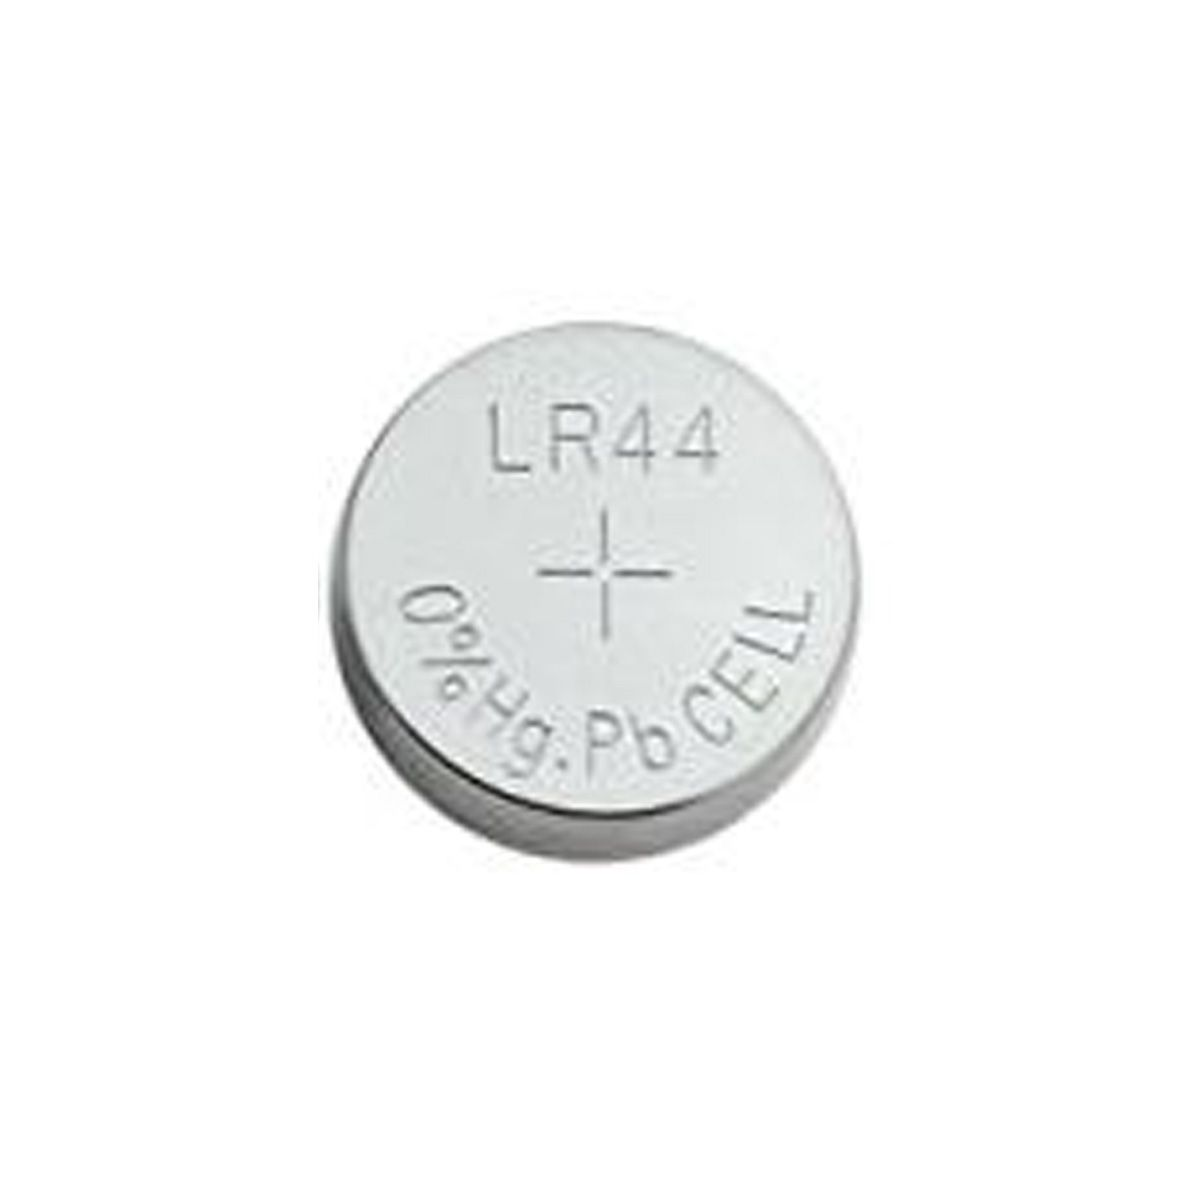 2x Bateria Alcalina 1,5V LR44/A76/AG13 para Higrômetro